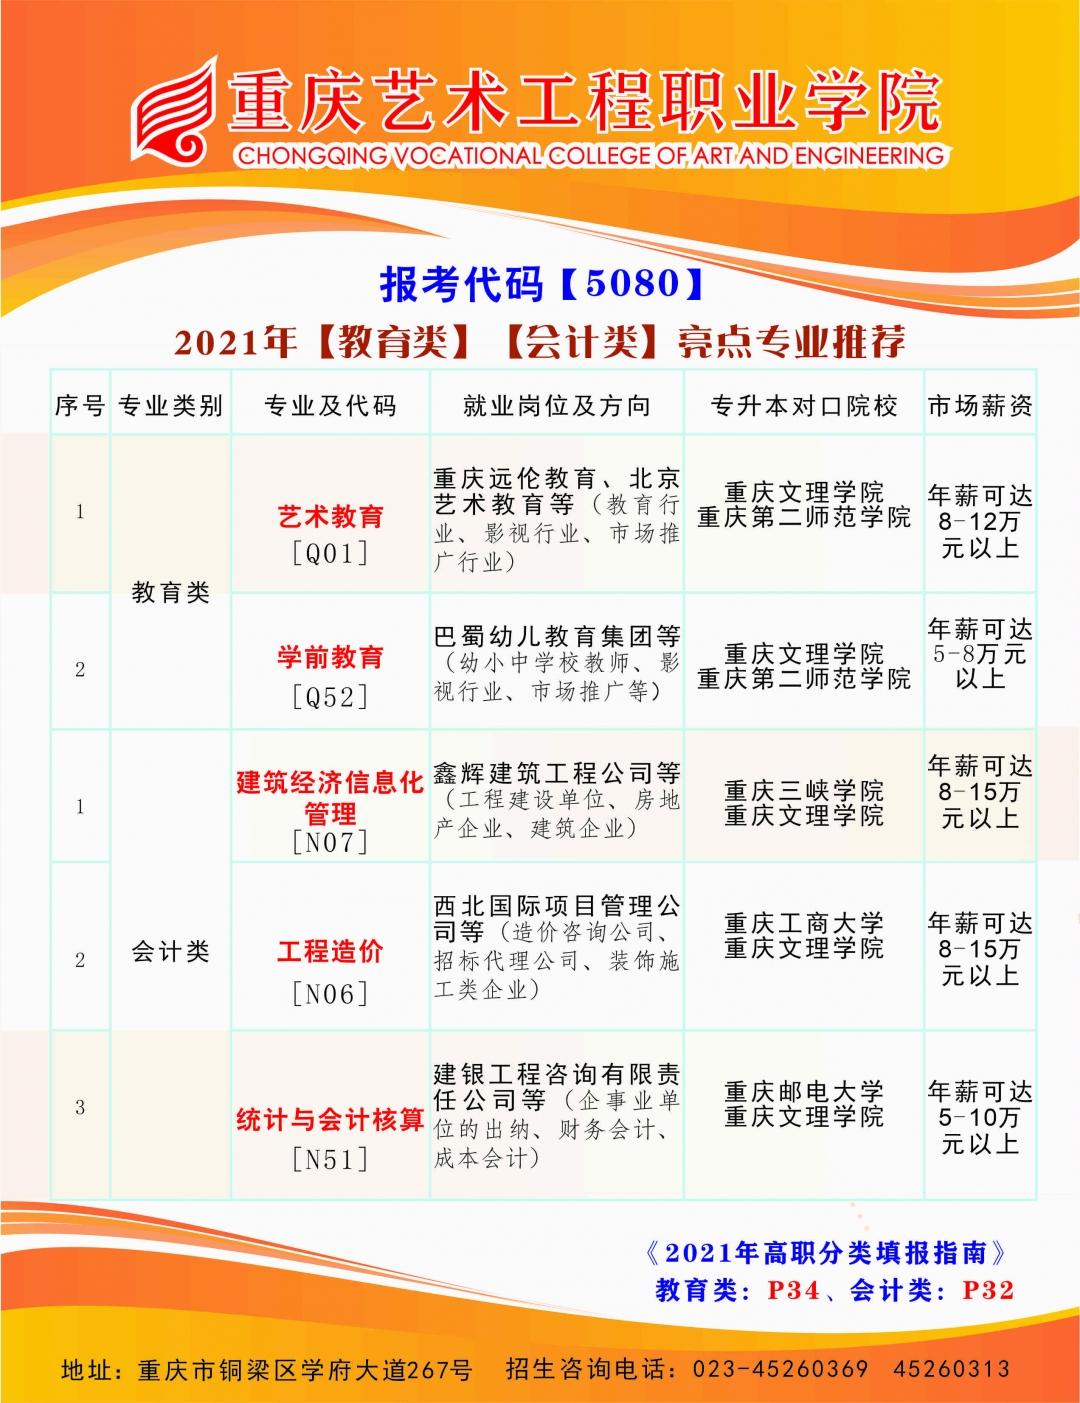 2021年春招分类优势(教育、会计).jpg